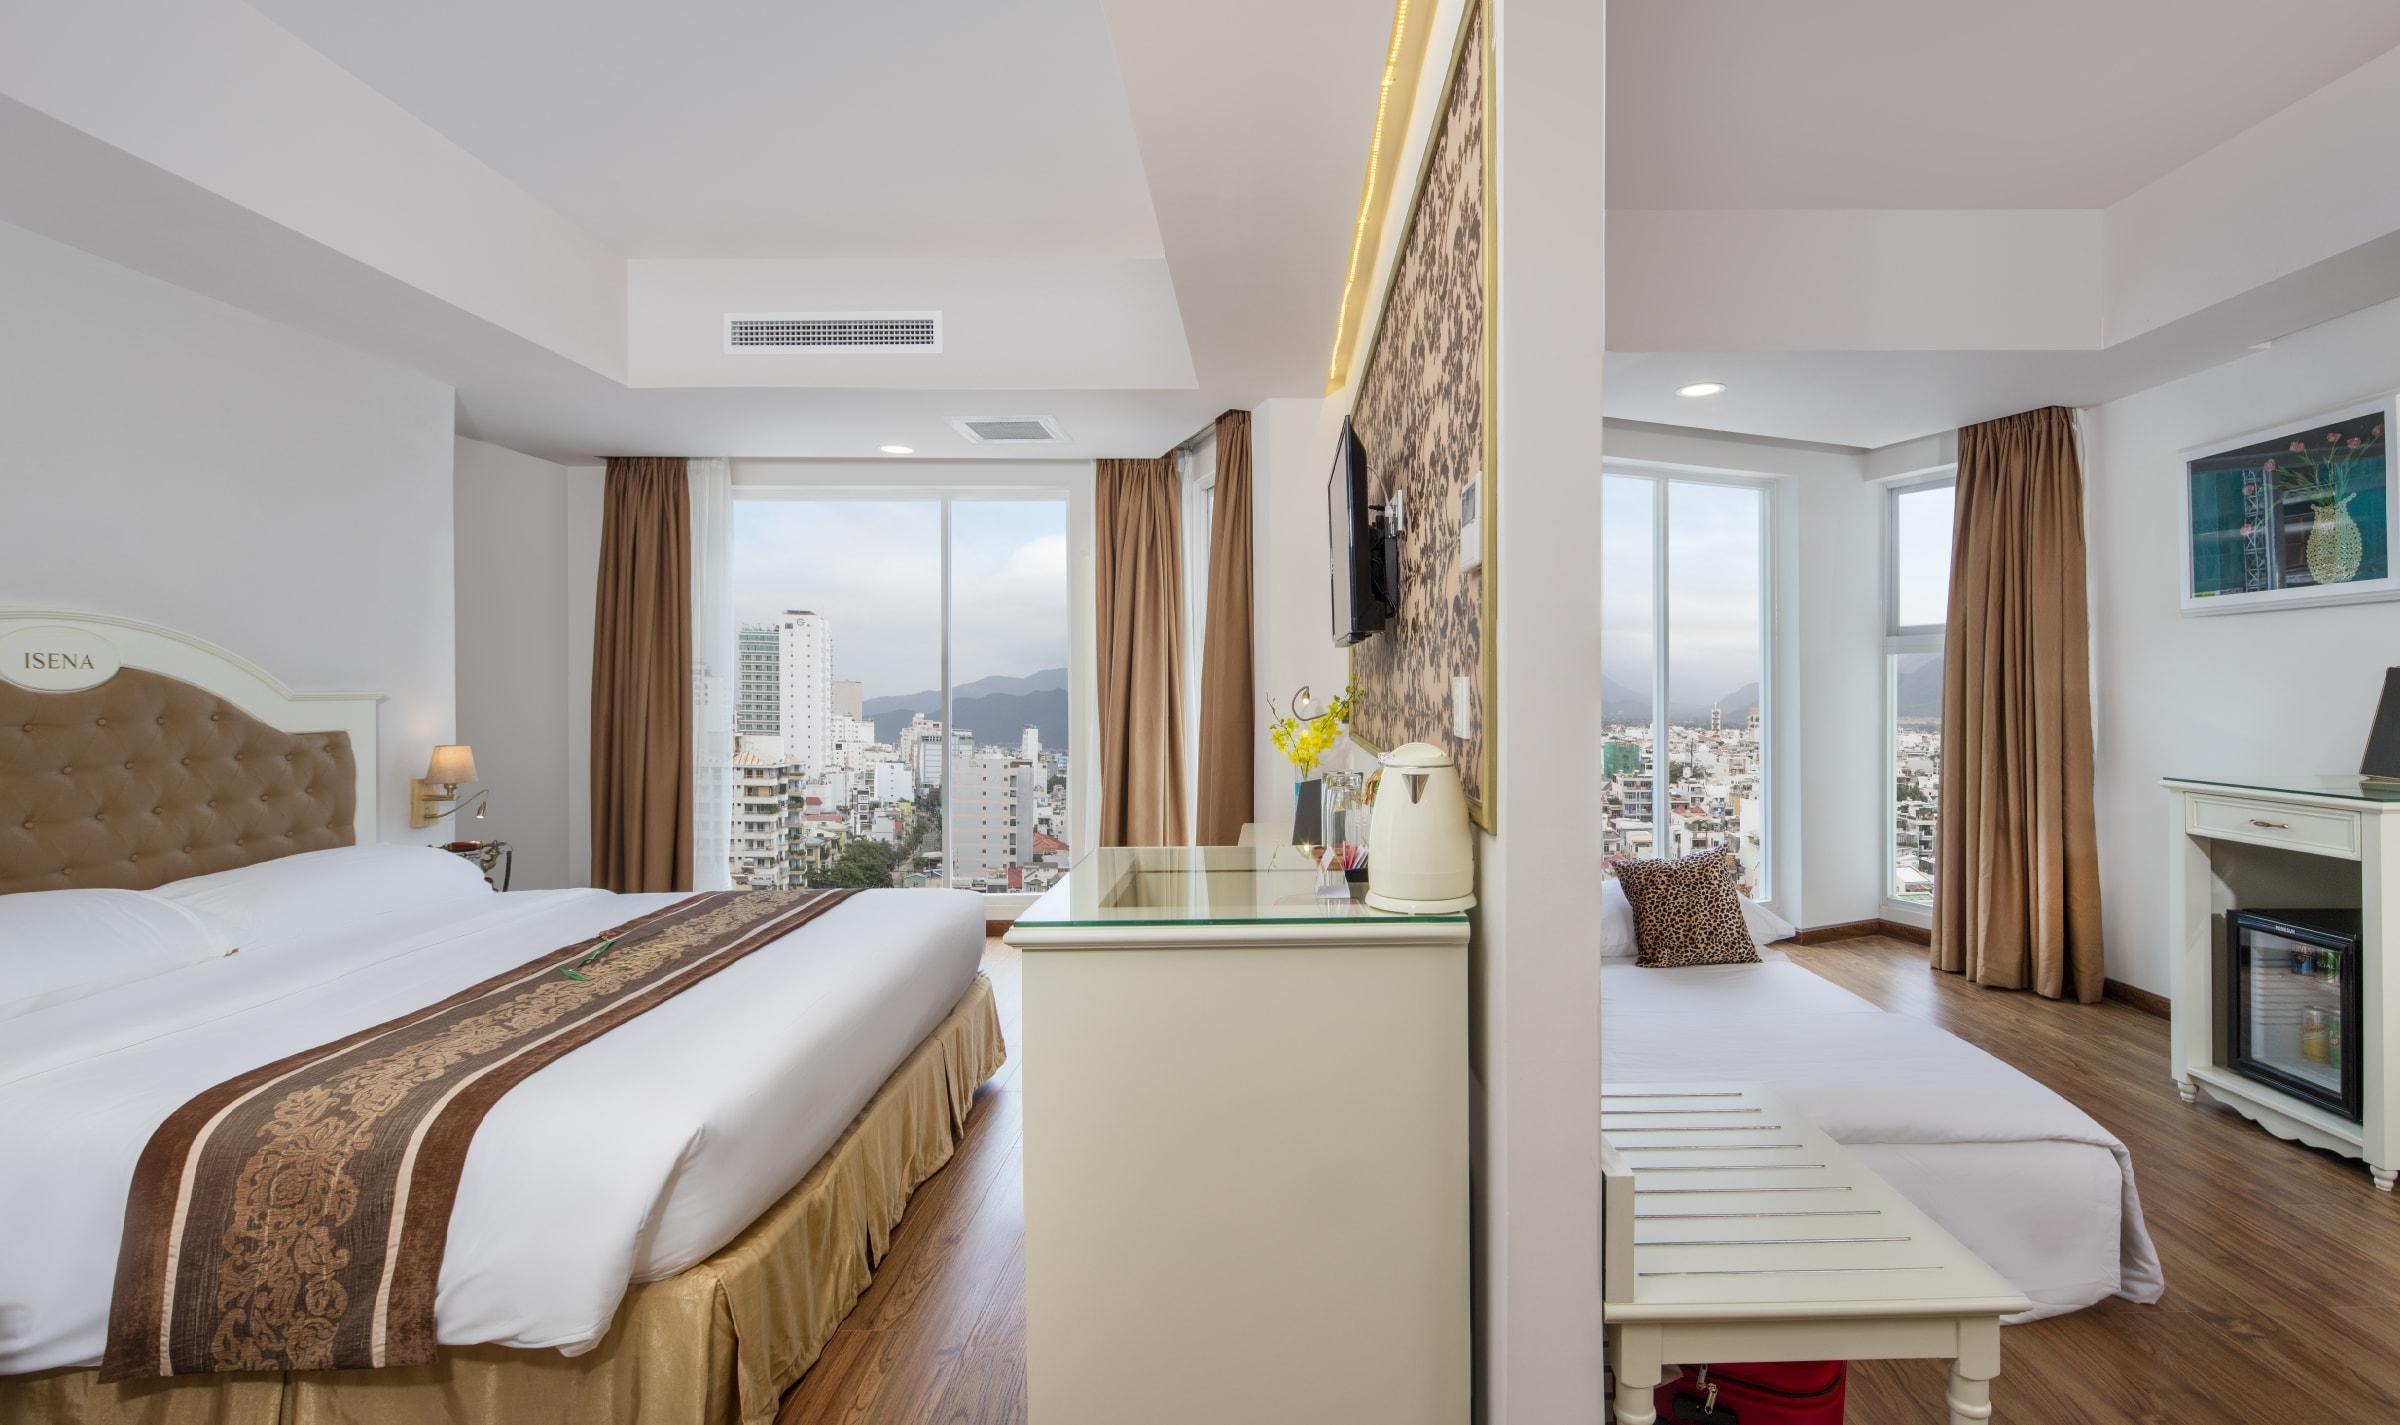 isena-2 Top 10 Khách Sạn Đẹp Ngất Ngây Tại Nha Trang